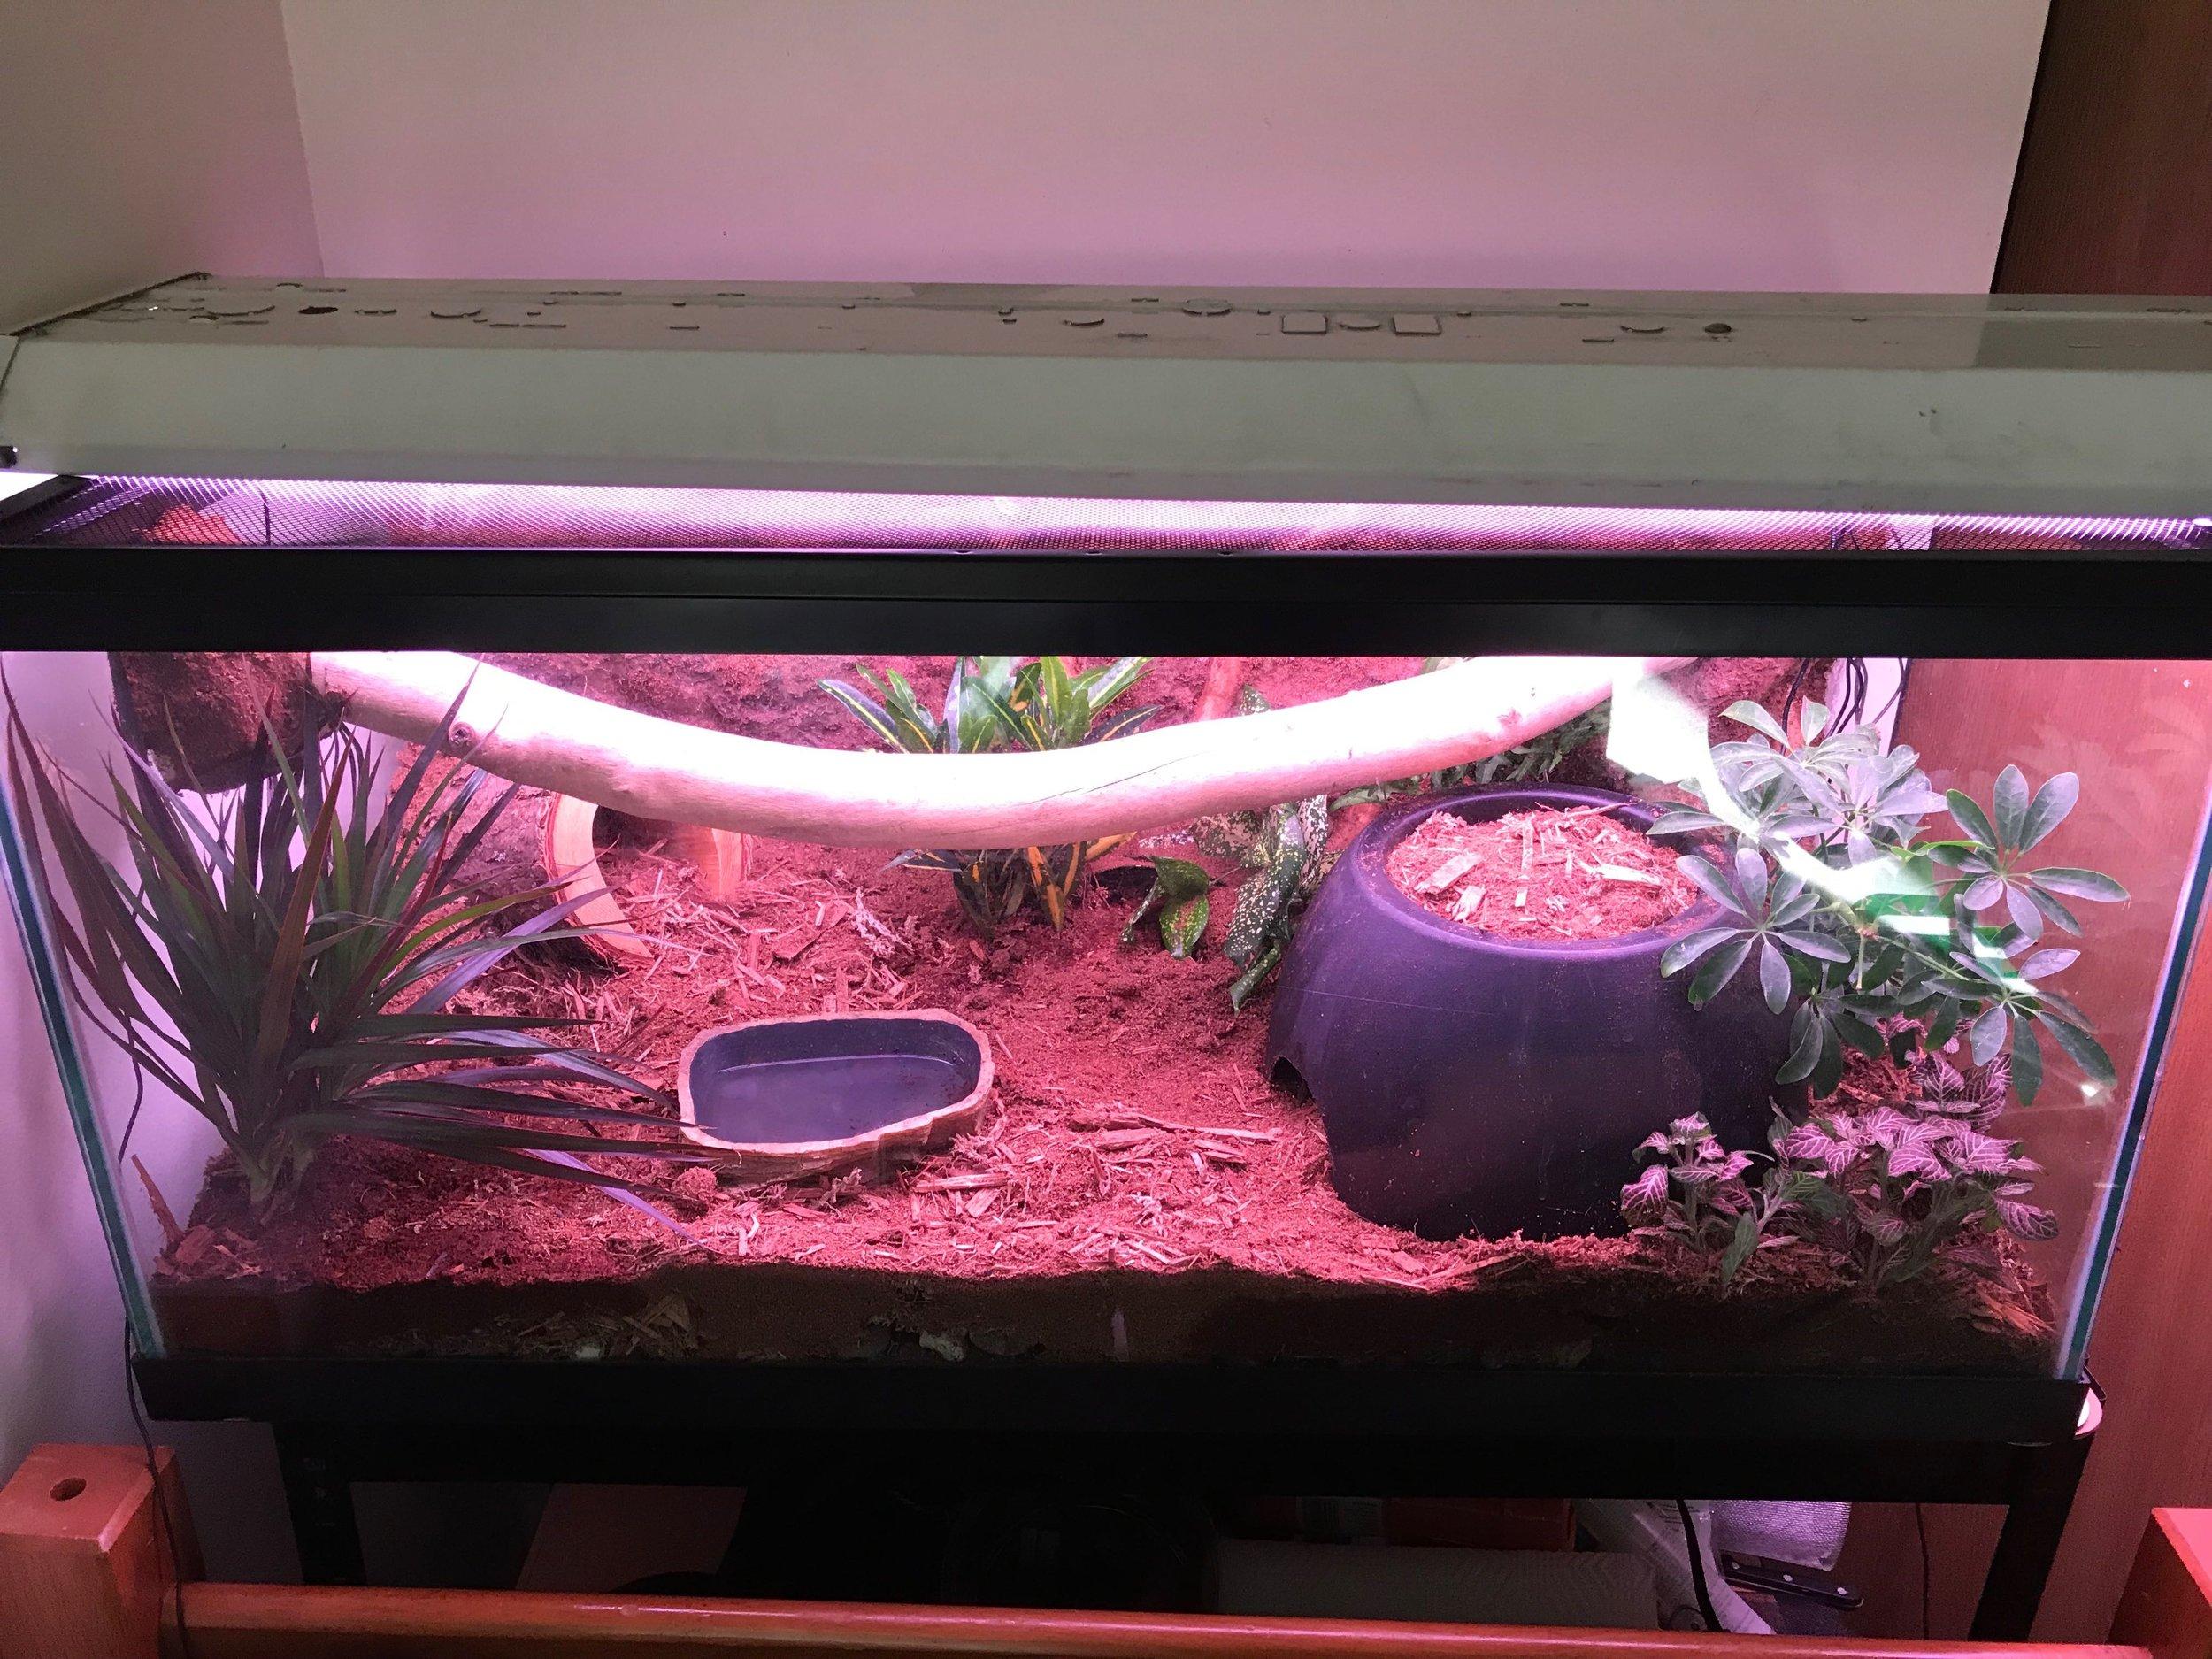 reptile_tank_vergepets_.JPG